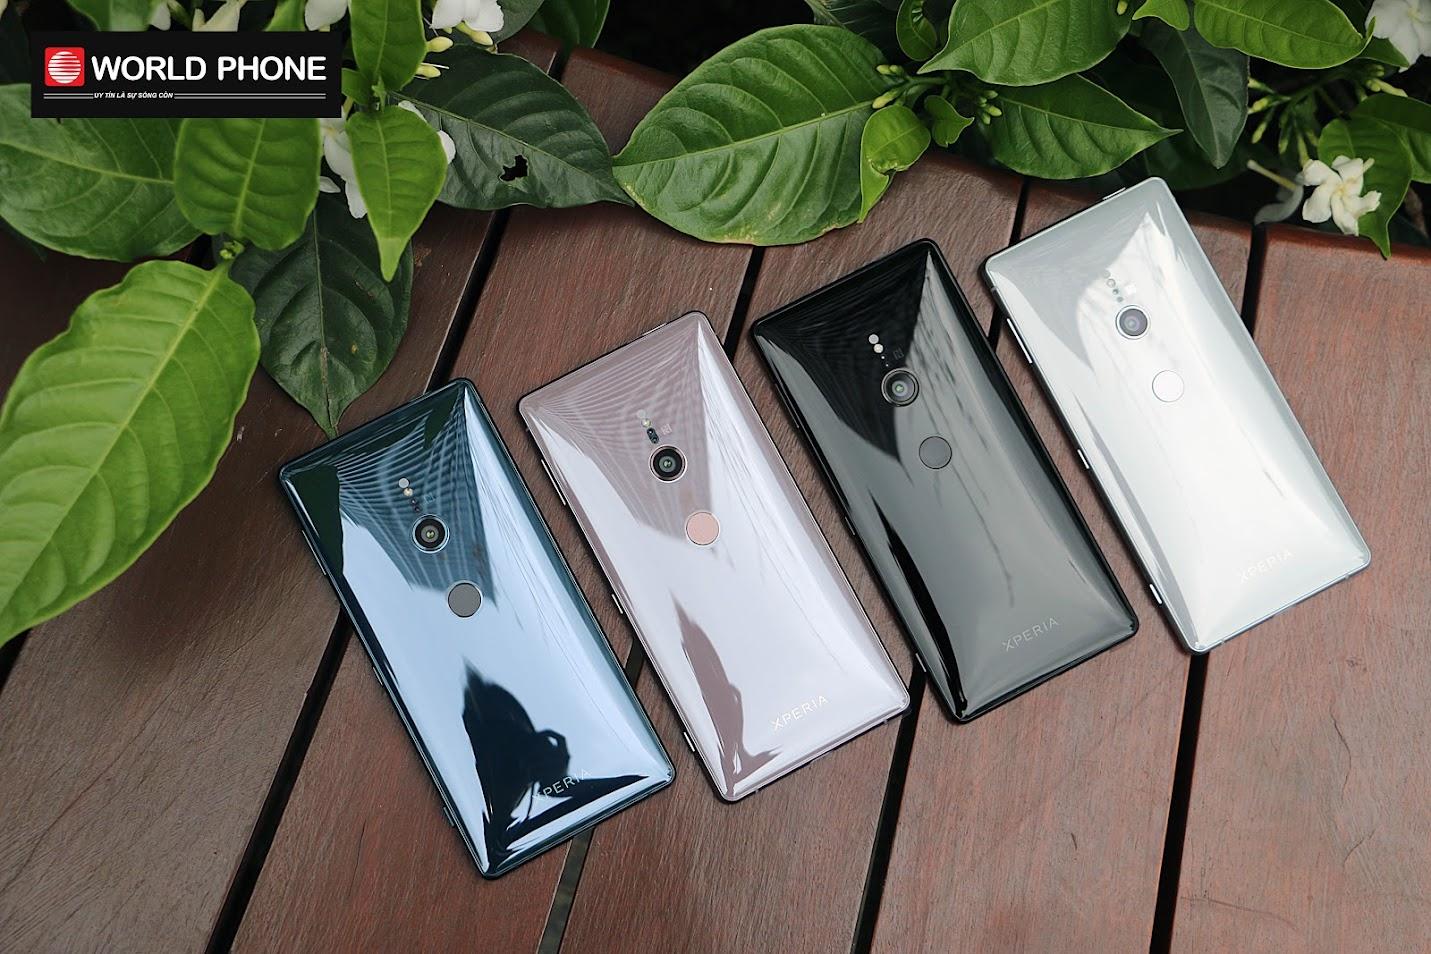 Thiết kế Sony Xperia XZ2 bóng bẩy mượt mà, lên tay cực sang